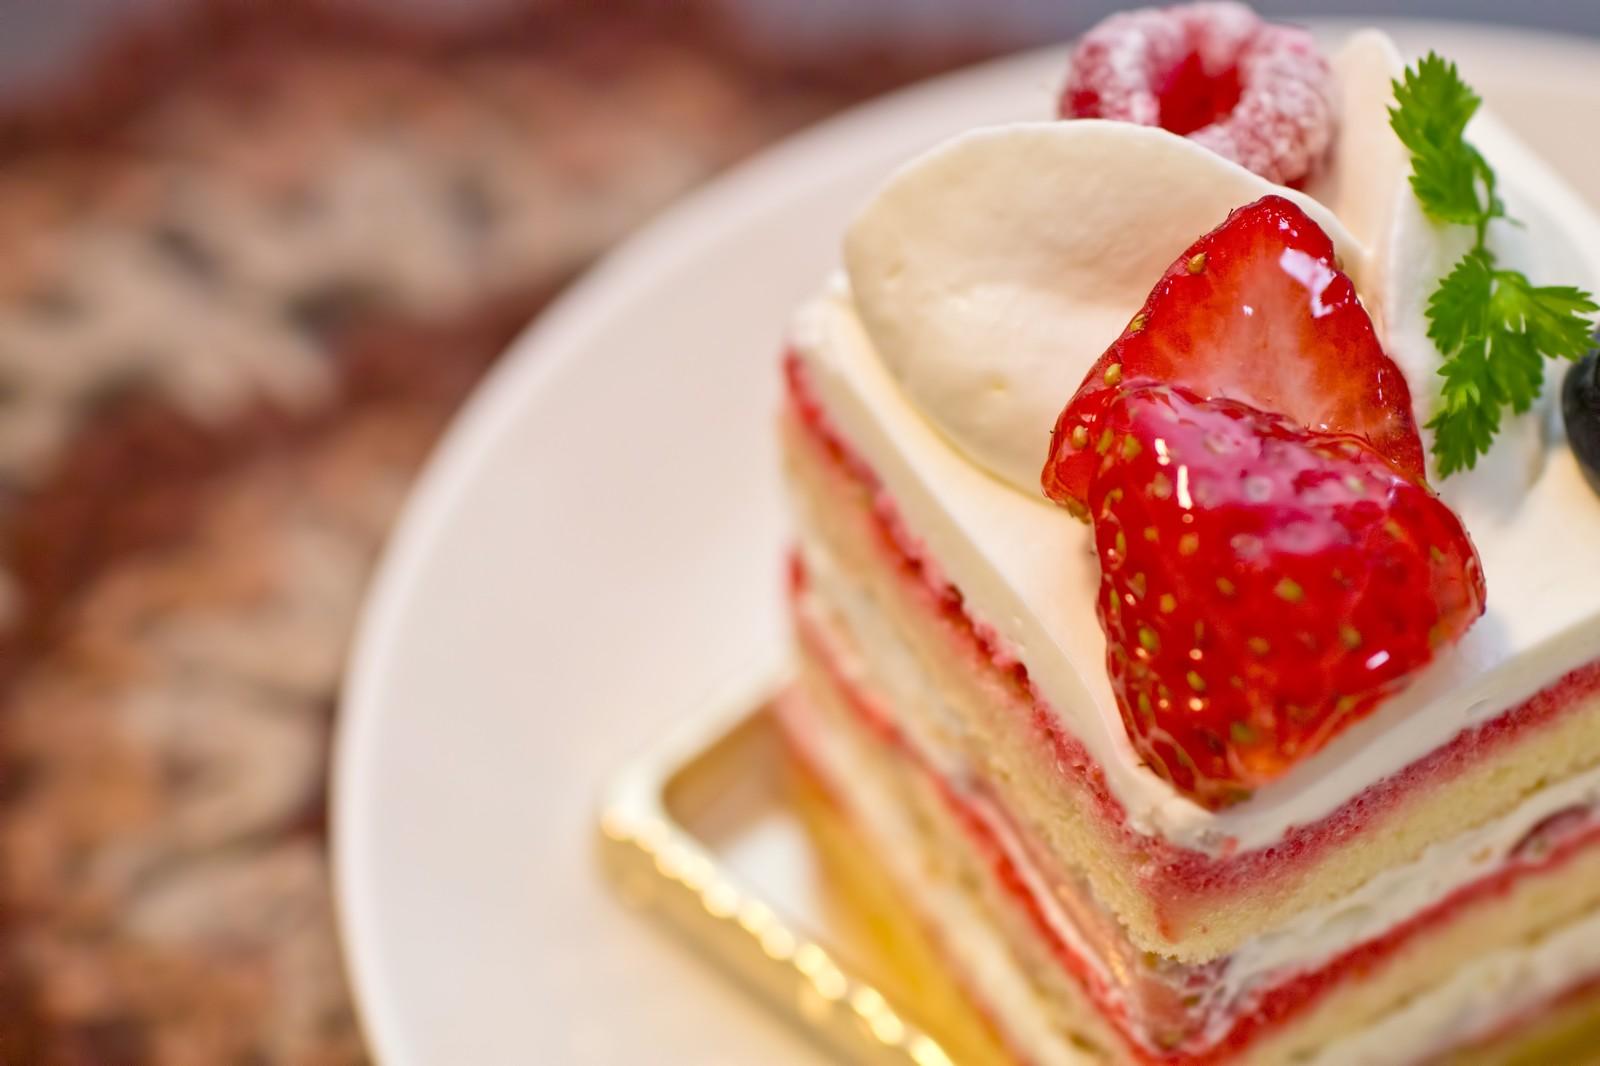 浅草のおすすめのケーキ11選!洋菓子店やカフェなど人気店をご紹介!